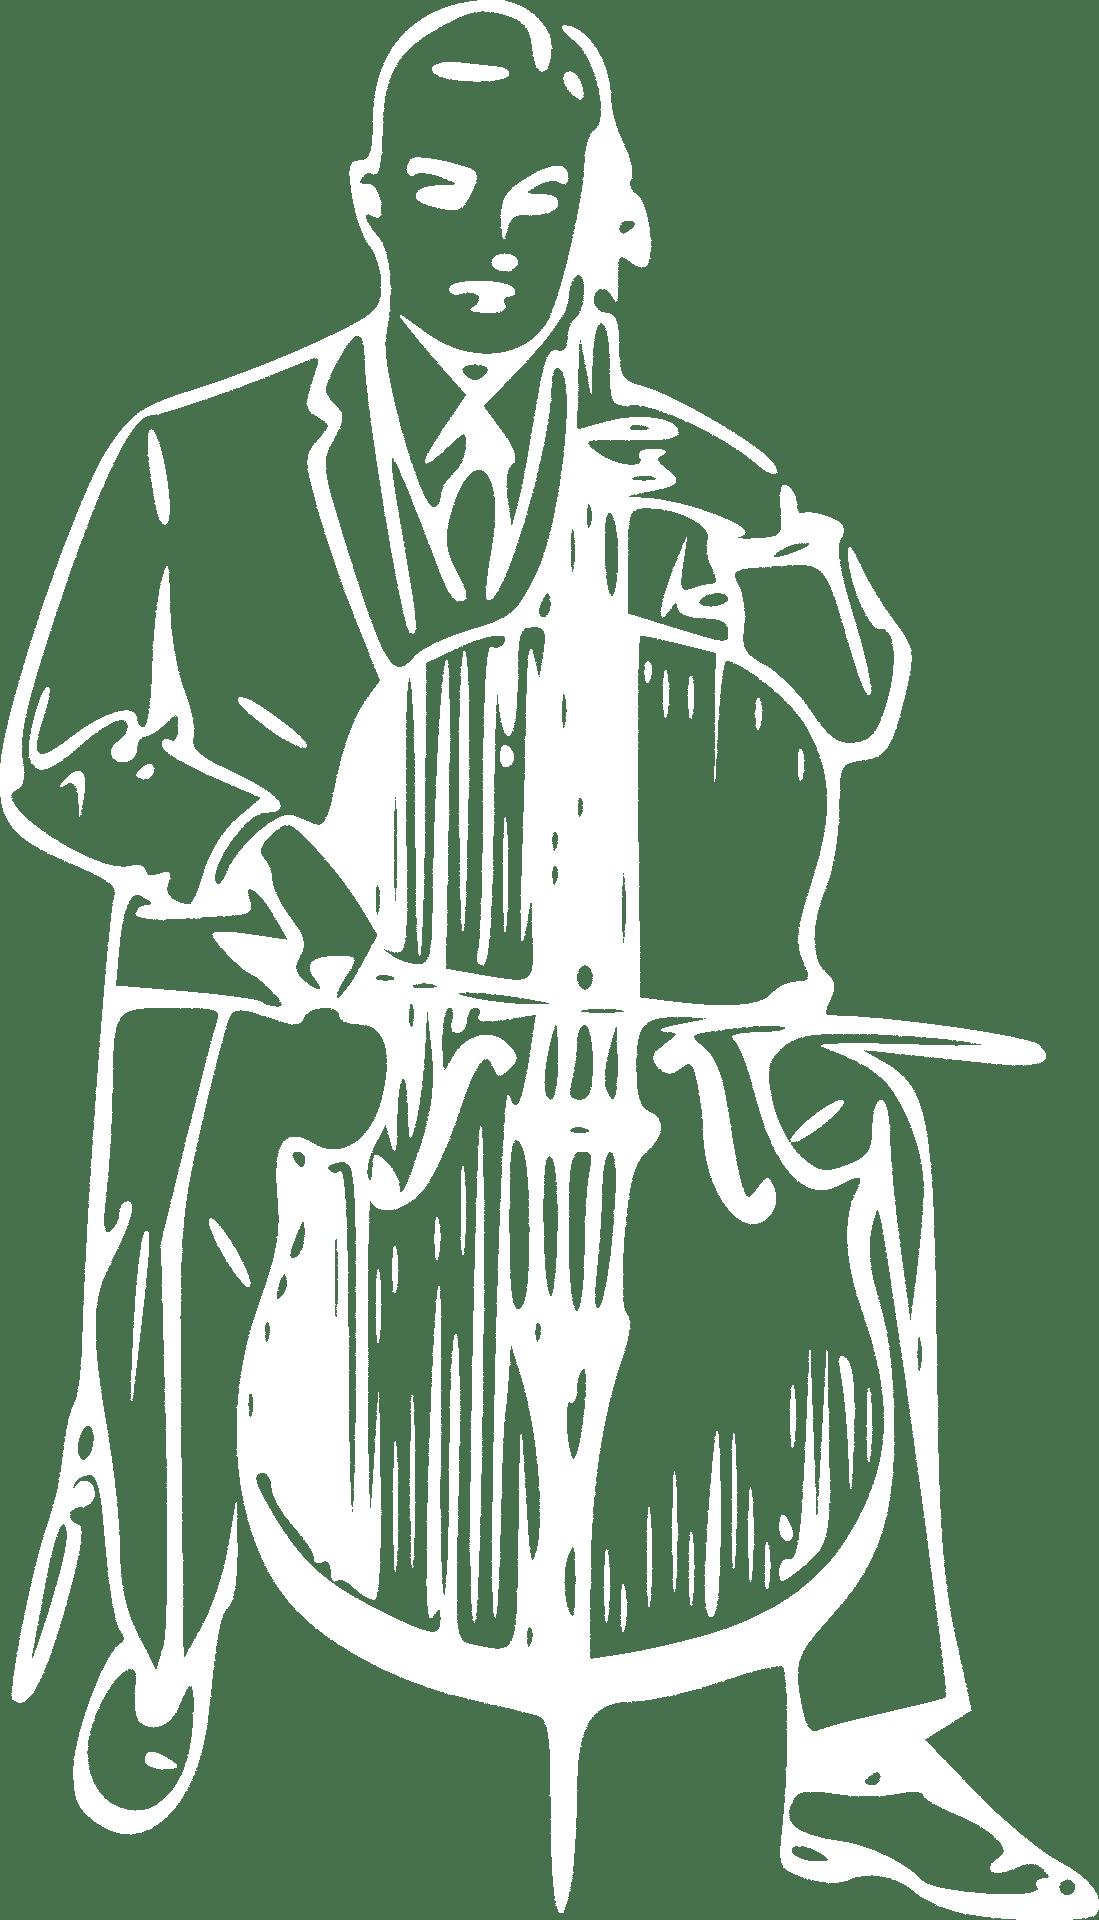 Tegning av en mann som spiller cello